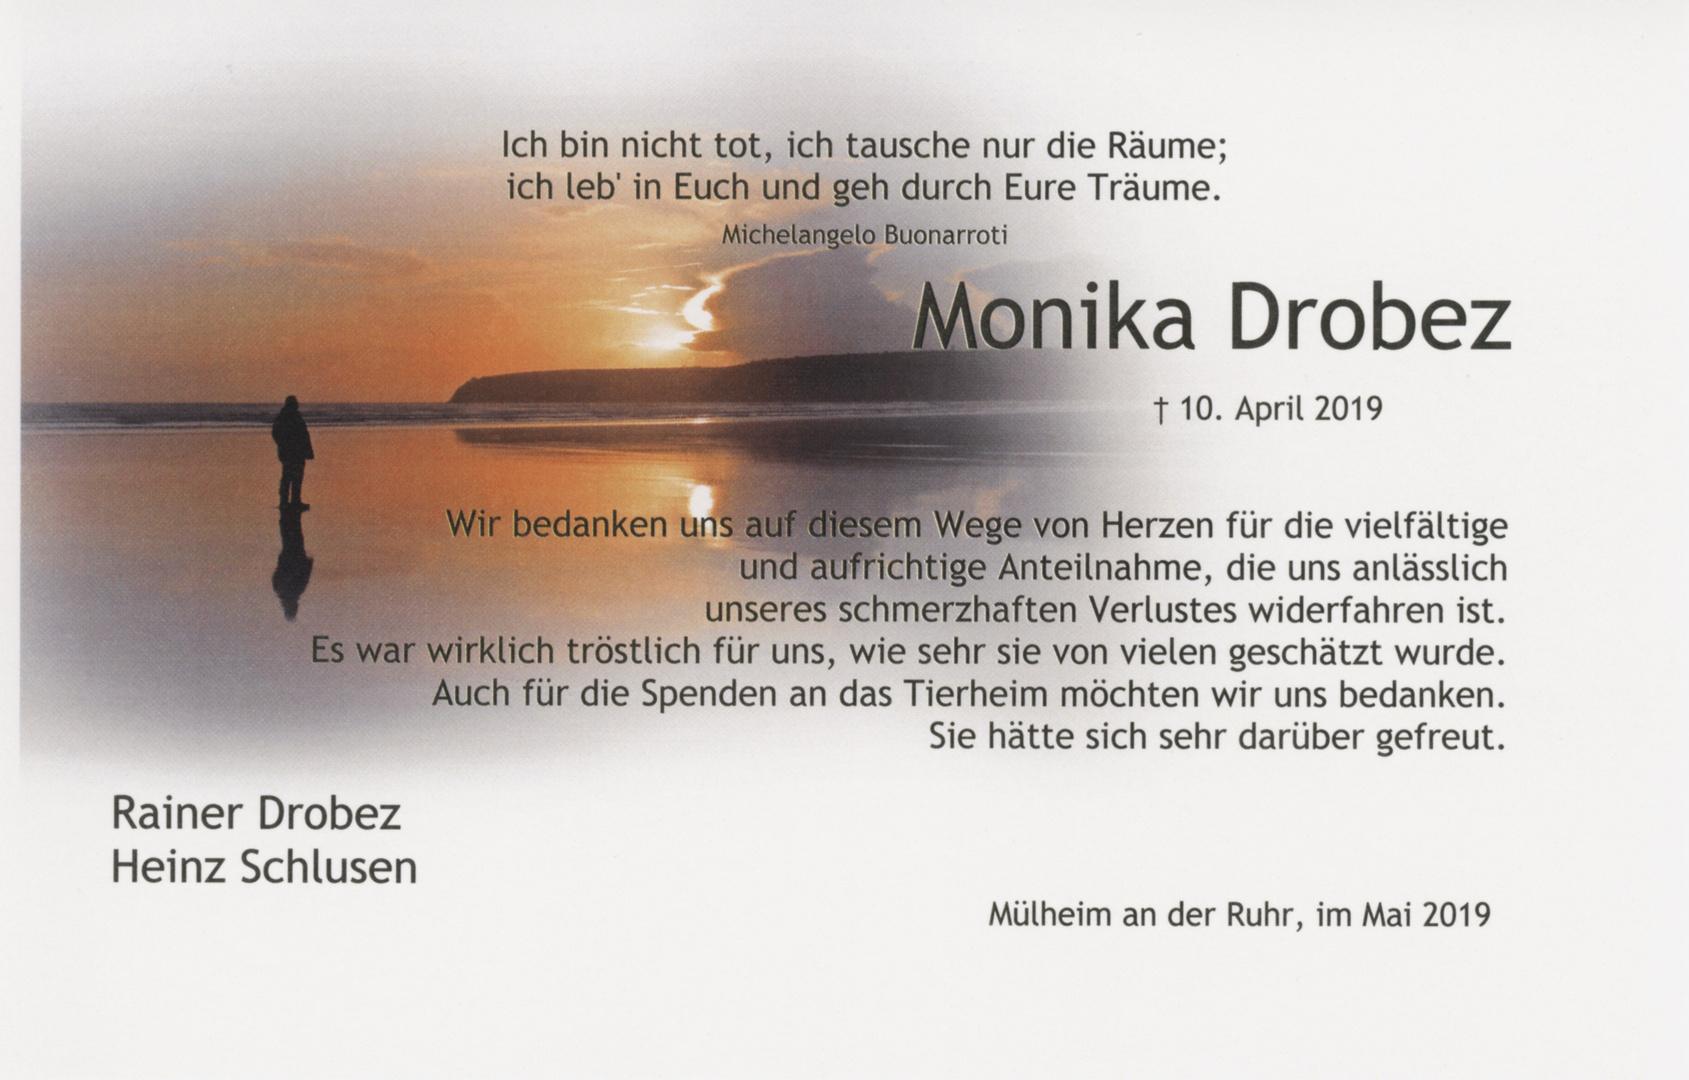 Drobez Dankkarte